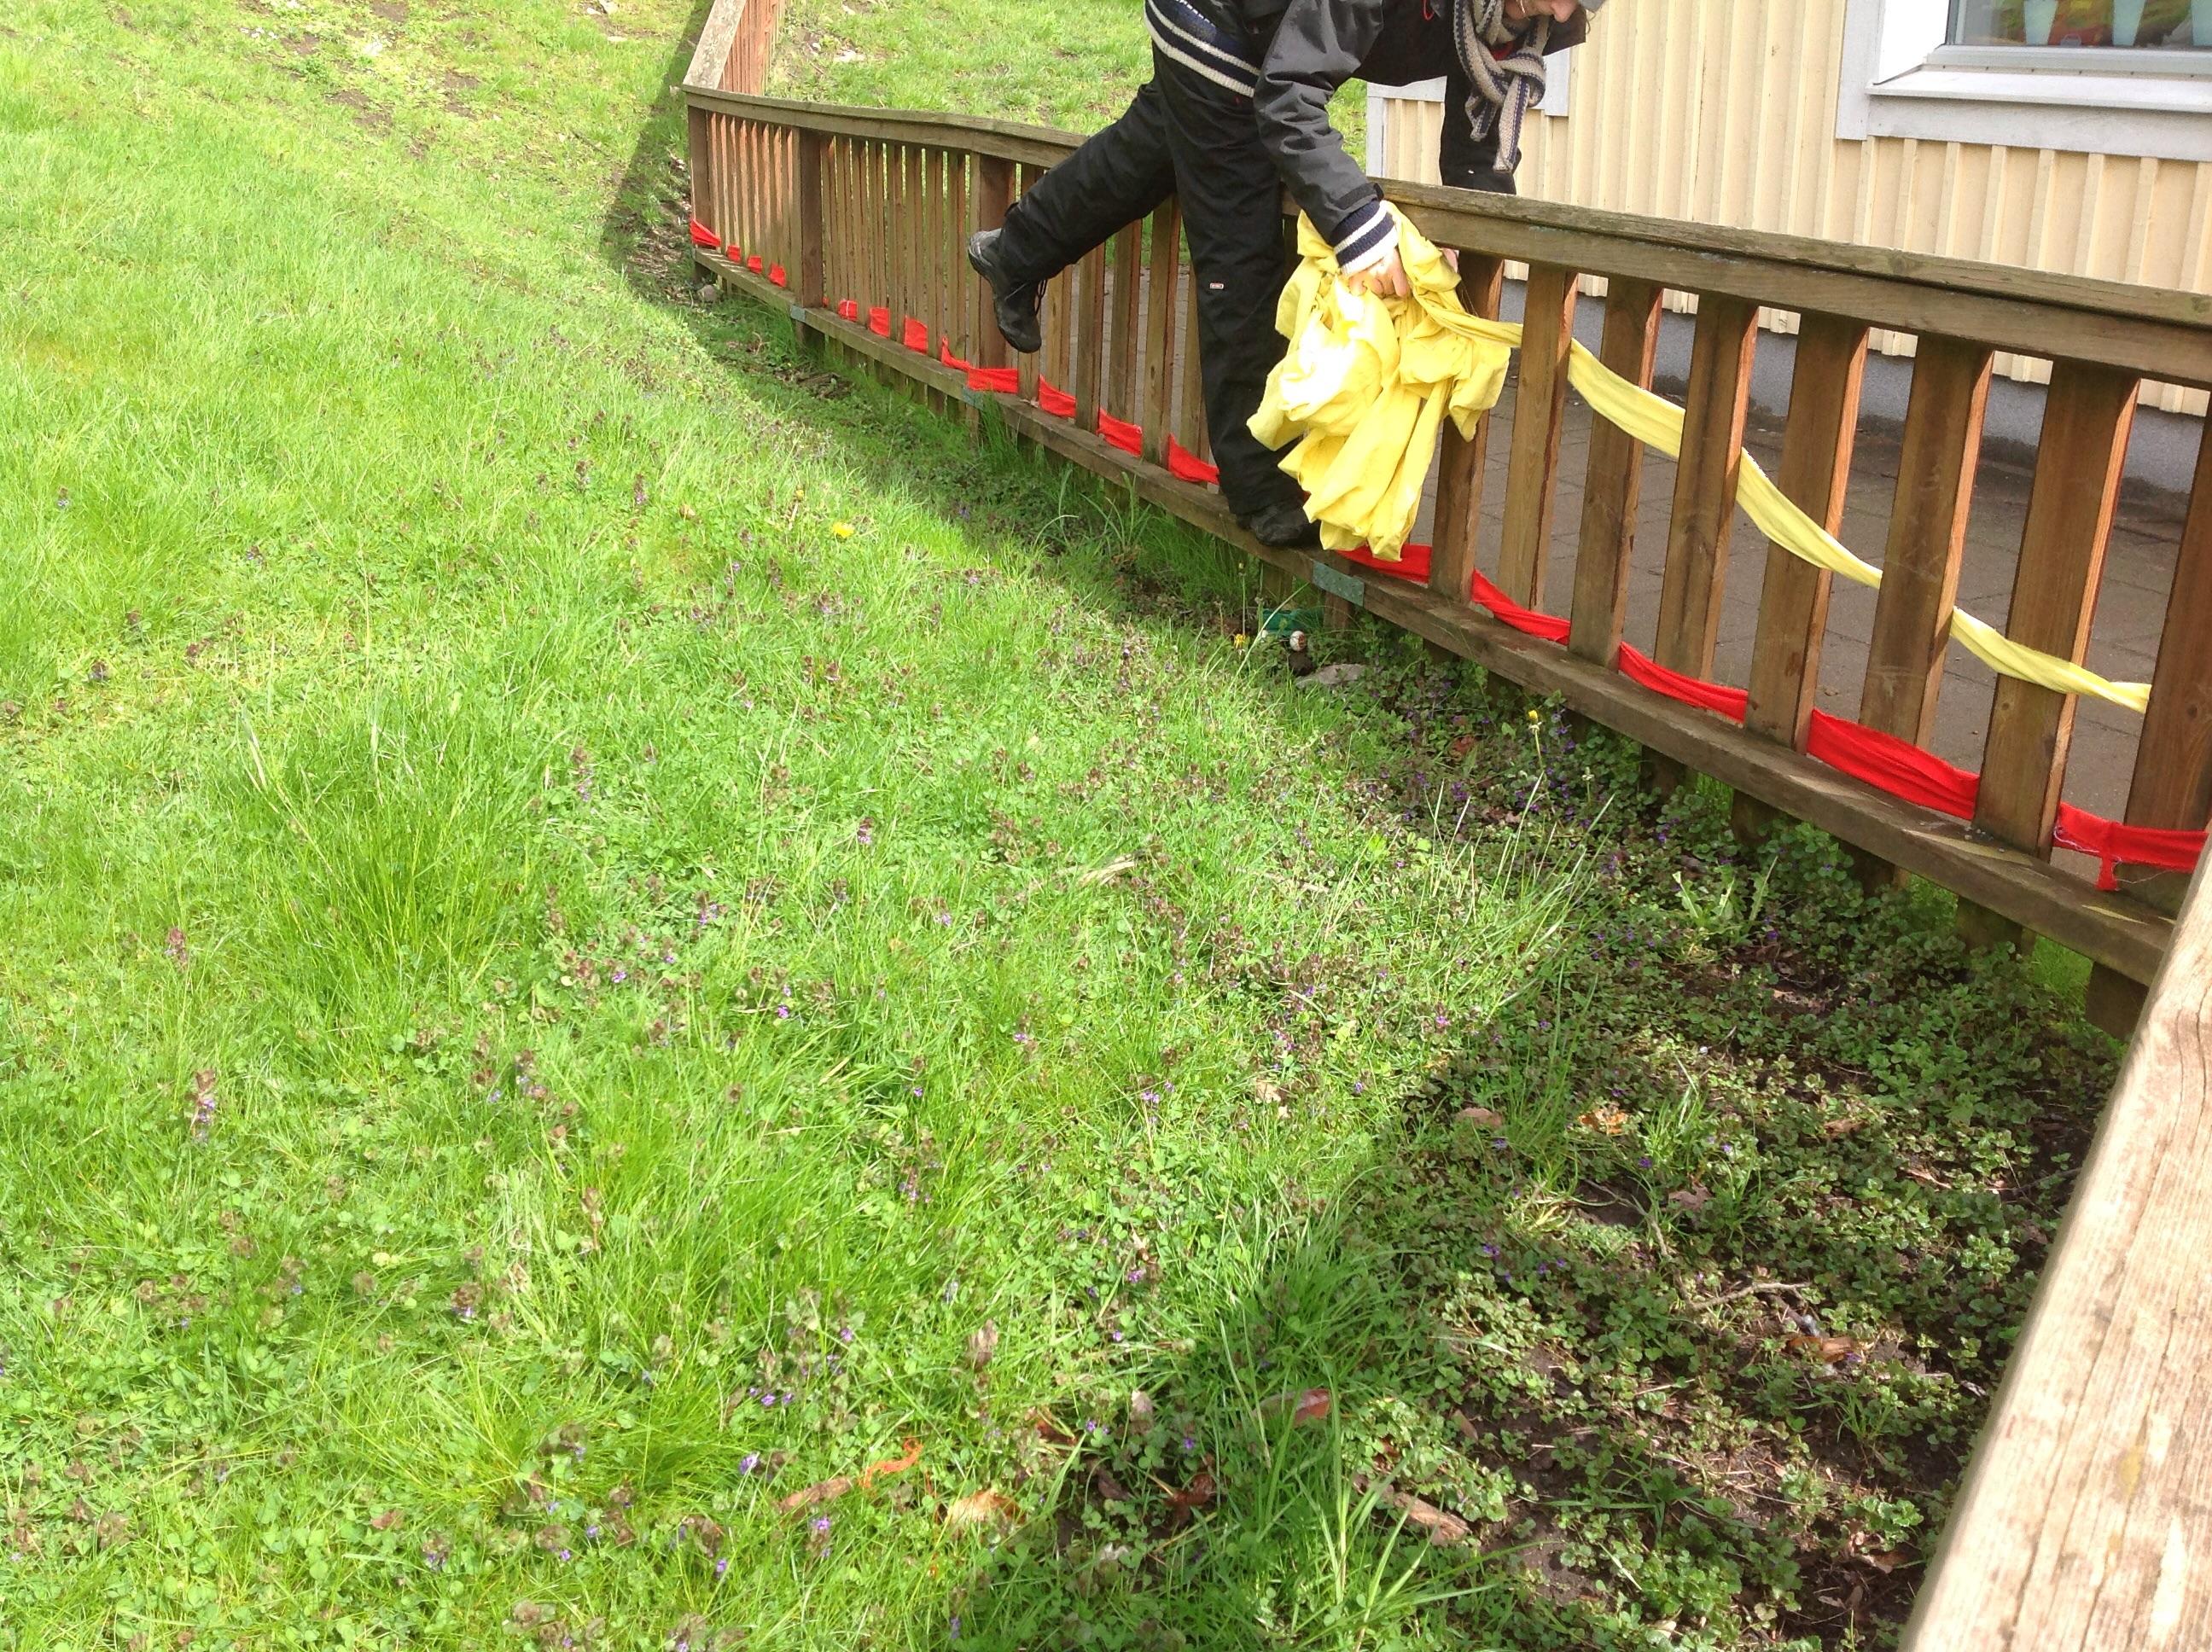 På förskolans stängsel nu också staket, klättrar hen. workshop dag ...